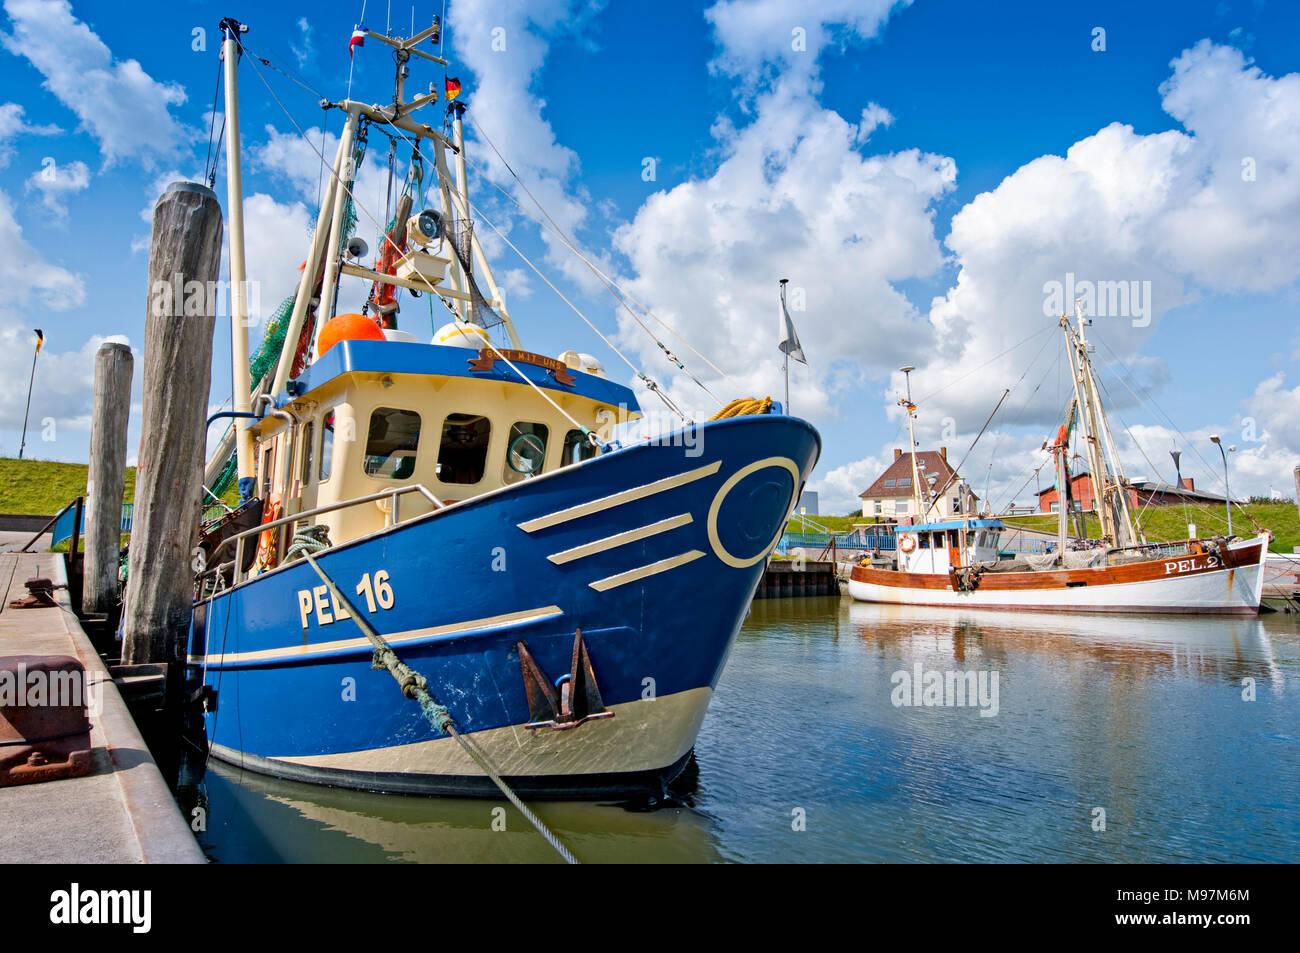 Deutschland, Schleswig-Holstein, Pellworm, Hafen, Anleger, Fischkutter Stockbild